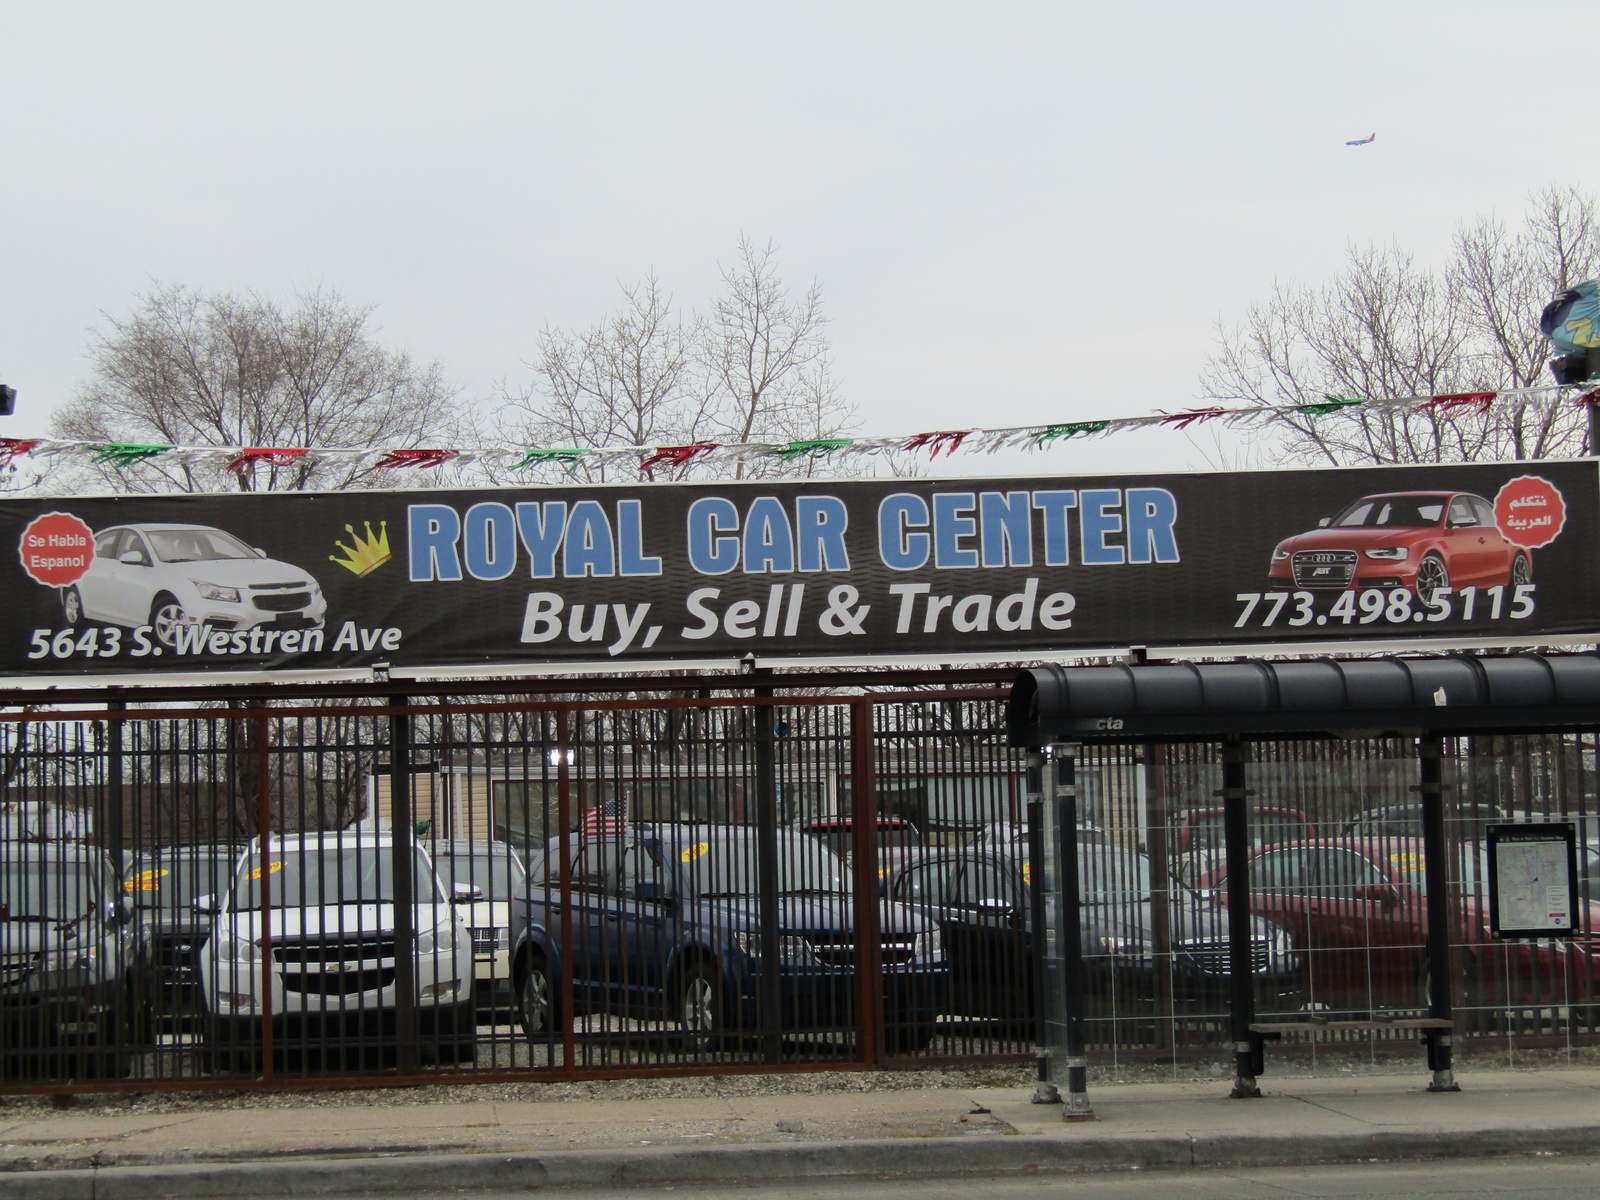 royal car center chicago il lee evaluaciones de consumidores busca entre autos nuevos y. Black Bedroom Furniture Sets. Home Design Ideas